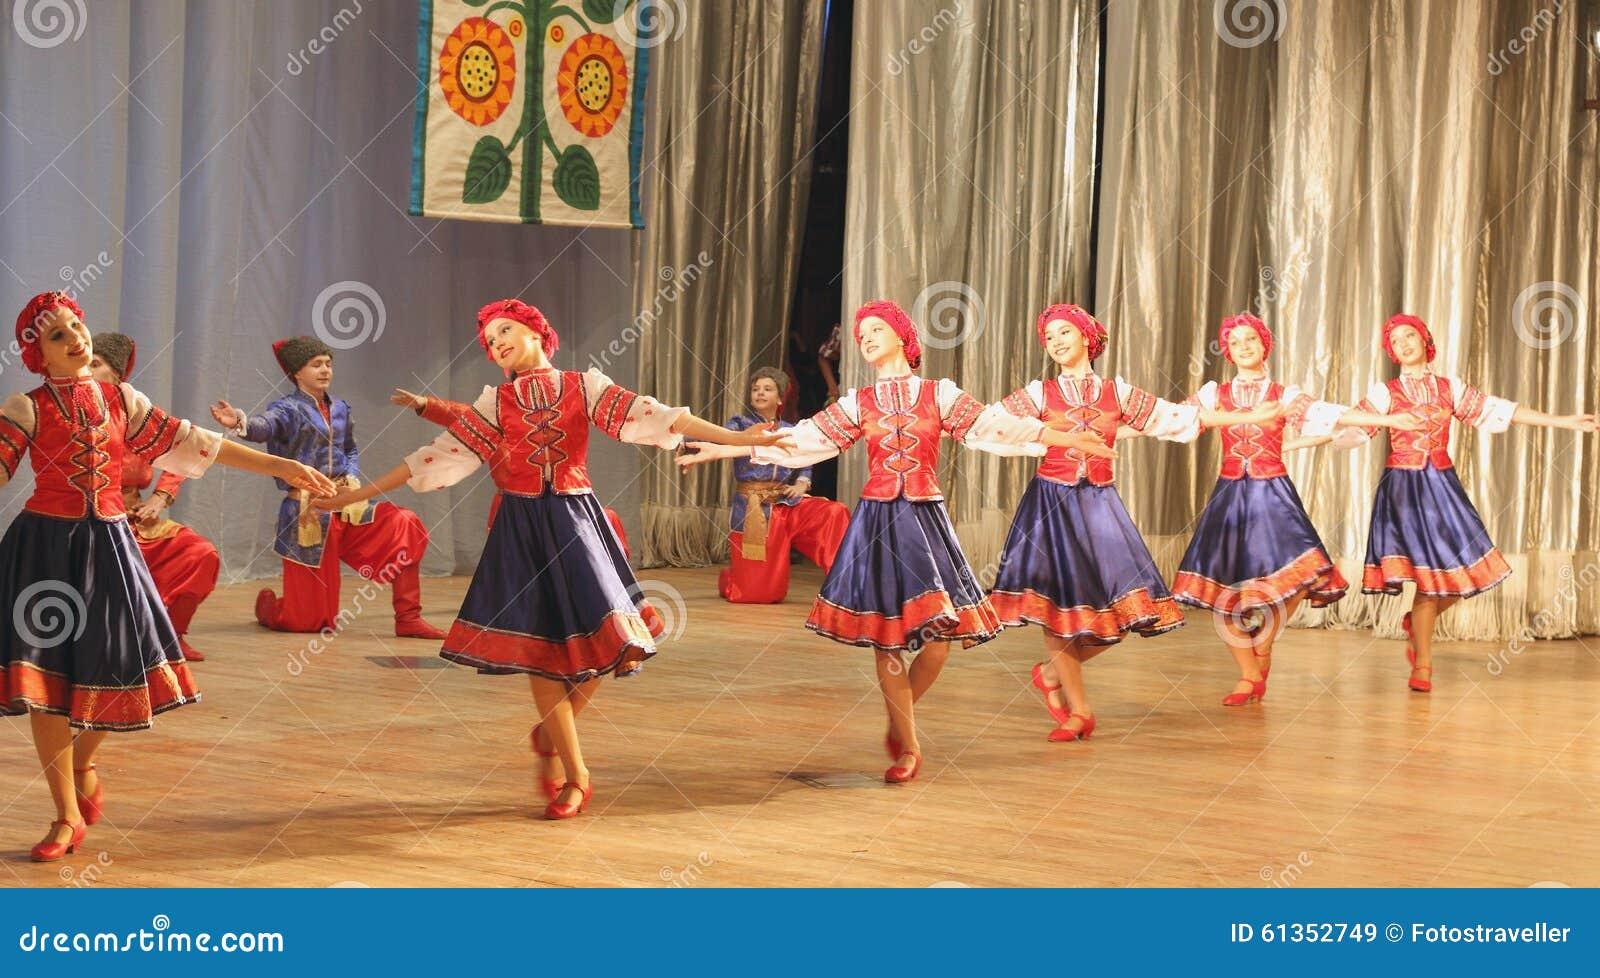 Danza Popular Ucraniana Imagen De Archivo Editorial